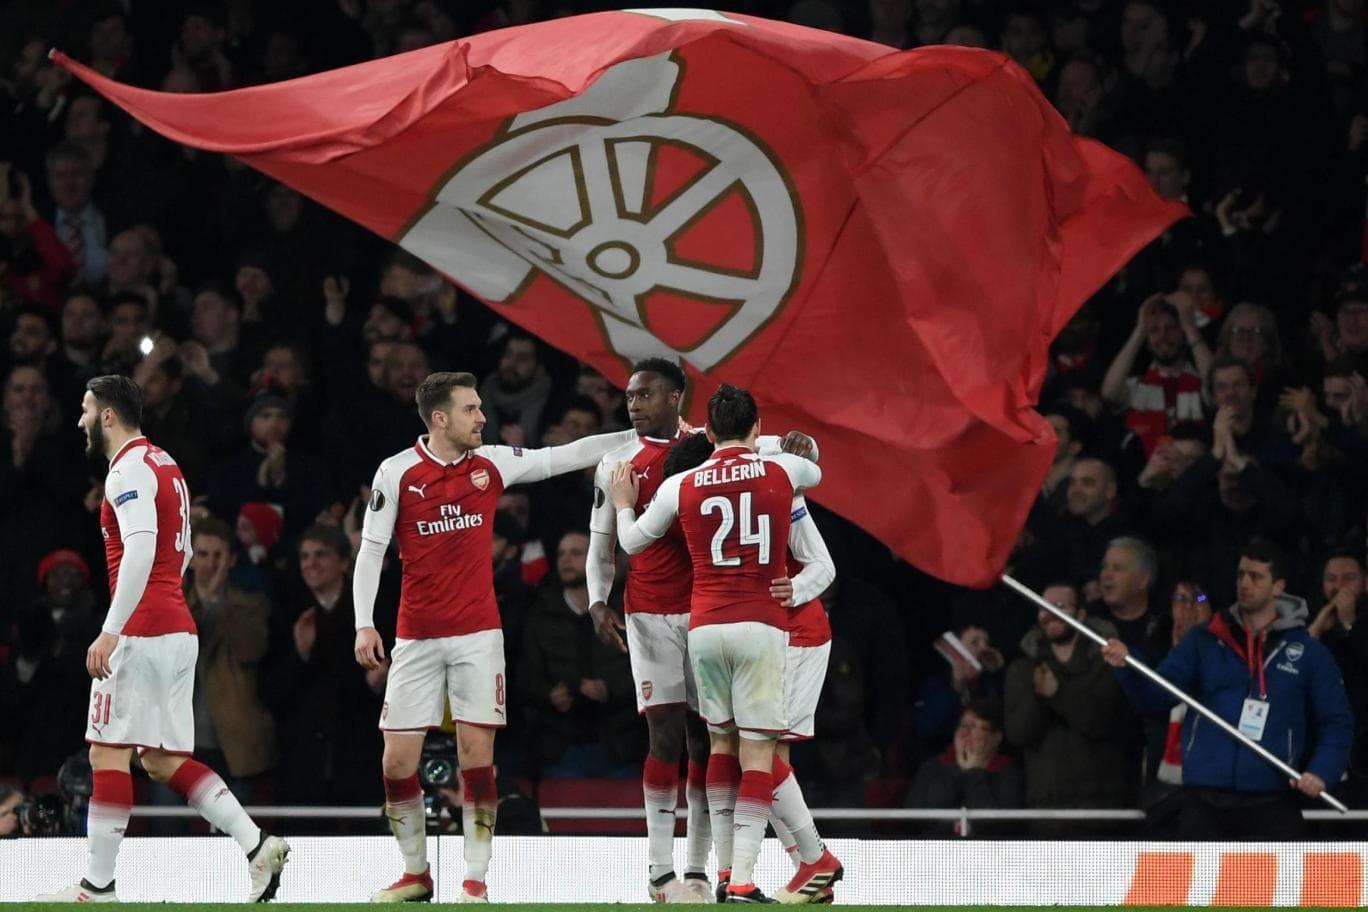 Arsenal - CSKA Moscow Europa League